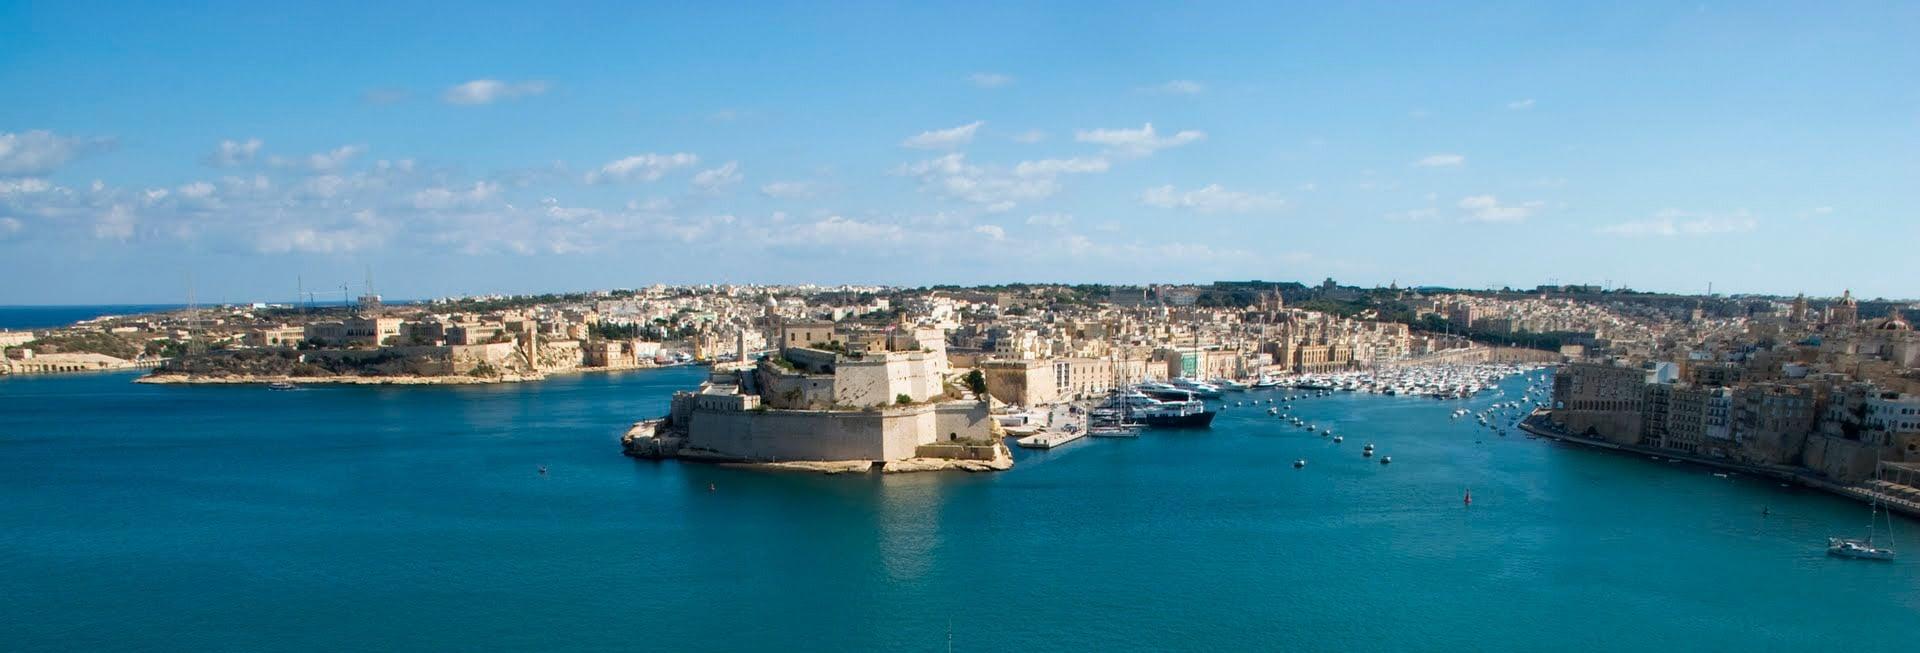 Les trois citées - Malte